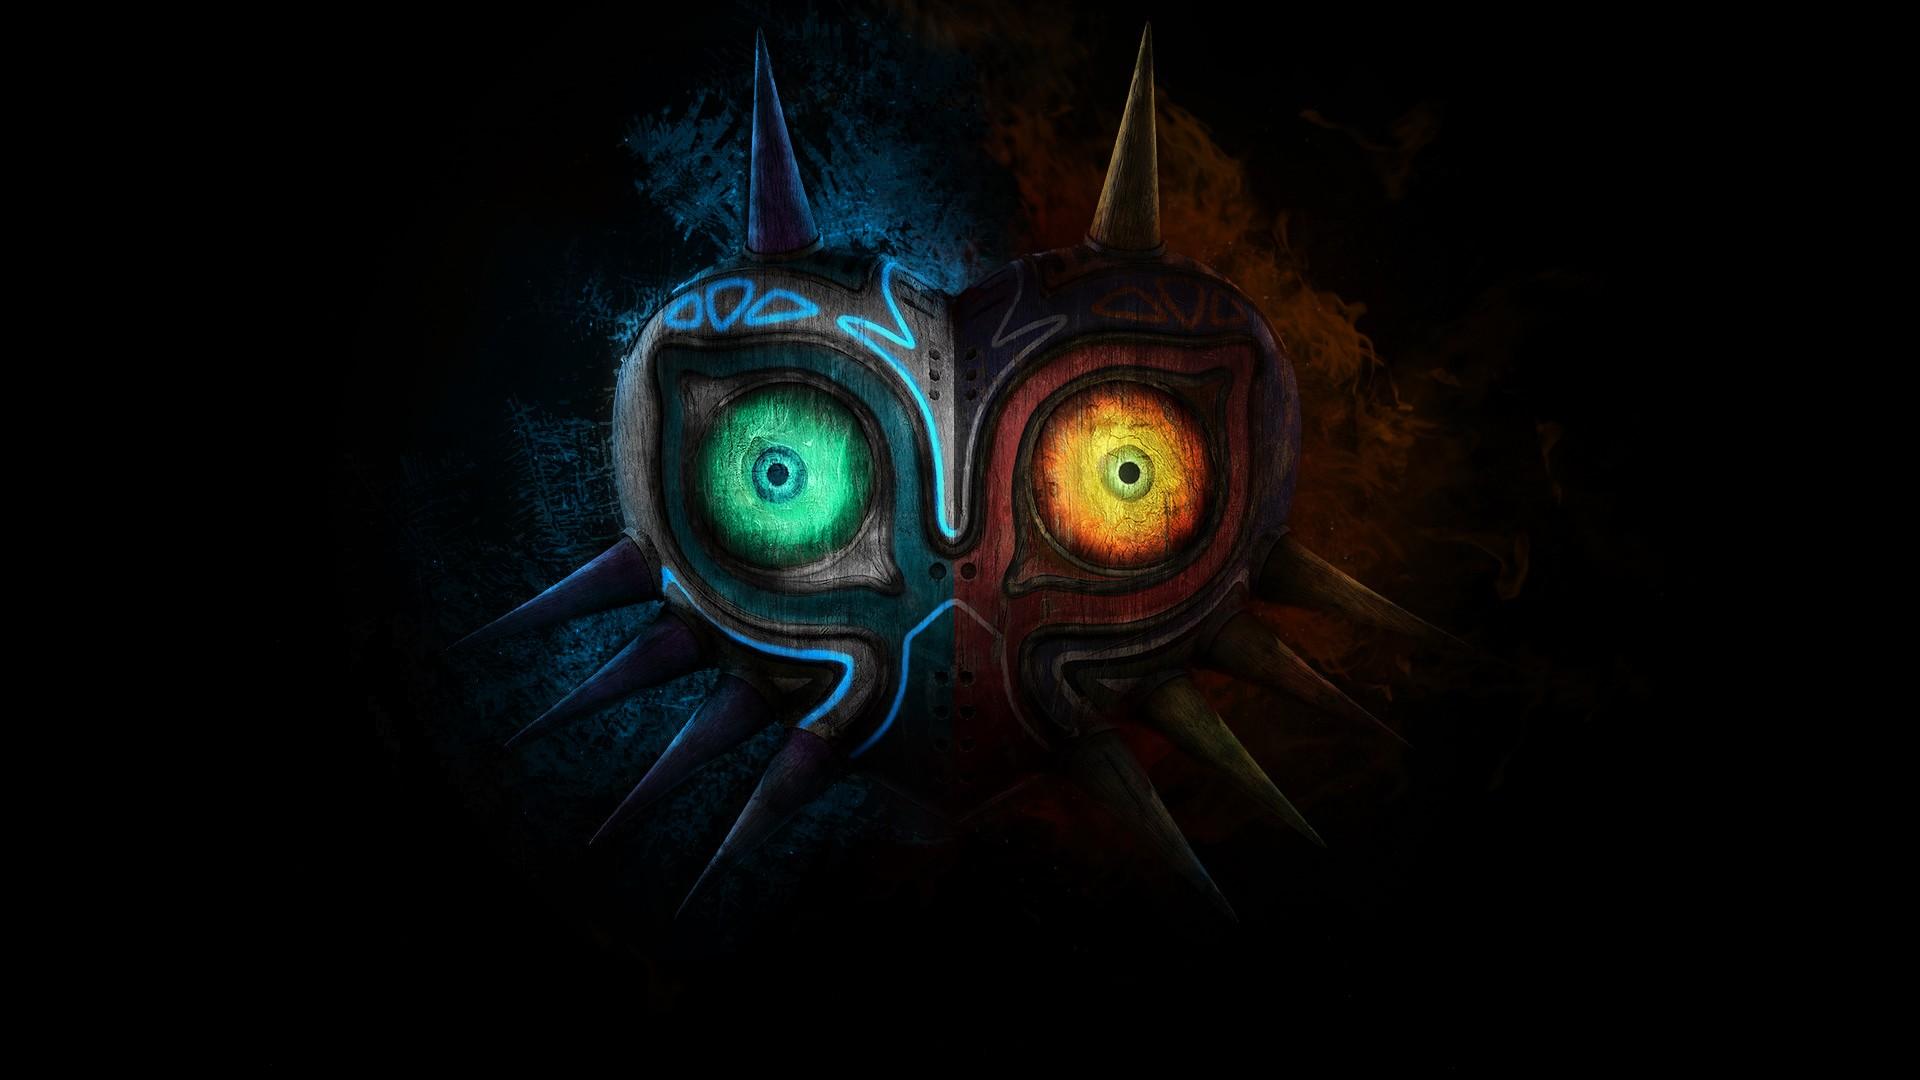 Fierce Games Hd Wallpaper: 74 The Legend Of Zelda: Majora's Mask Fondos De Pantalla